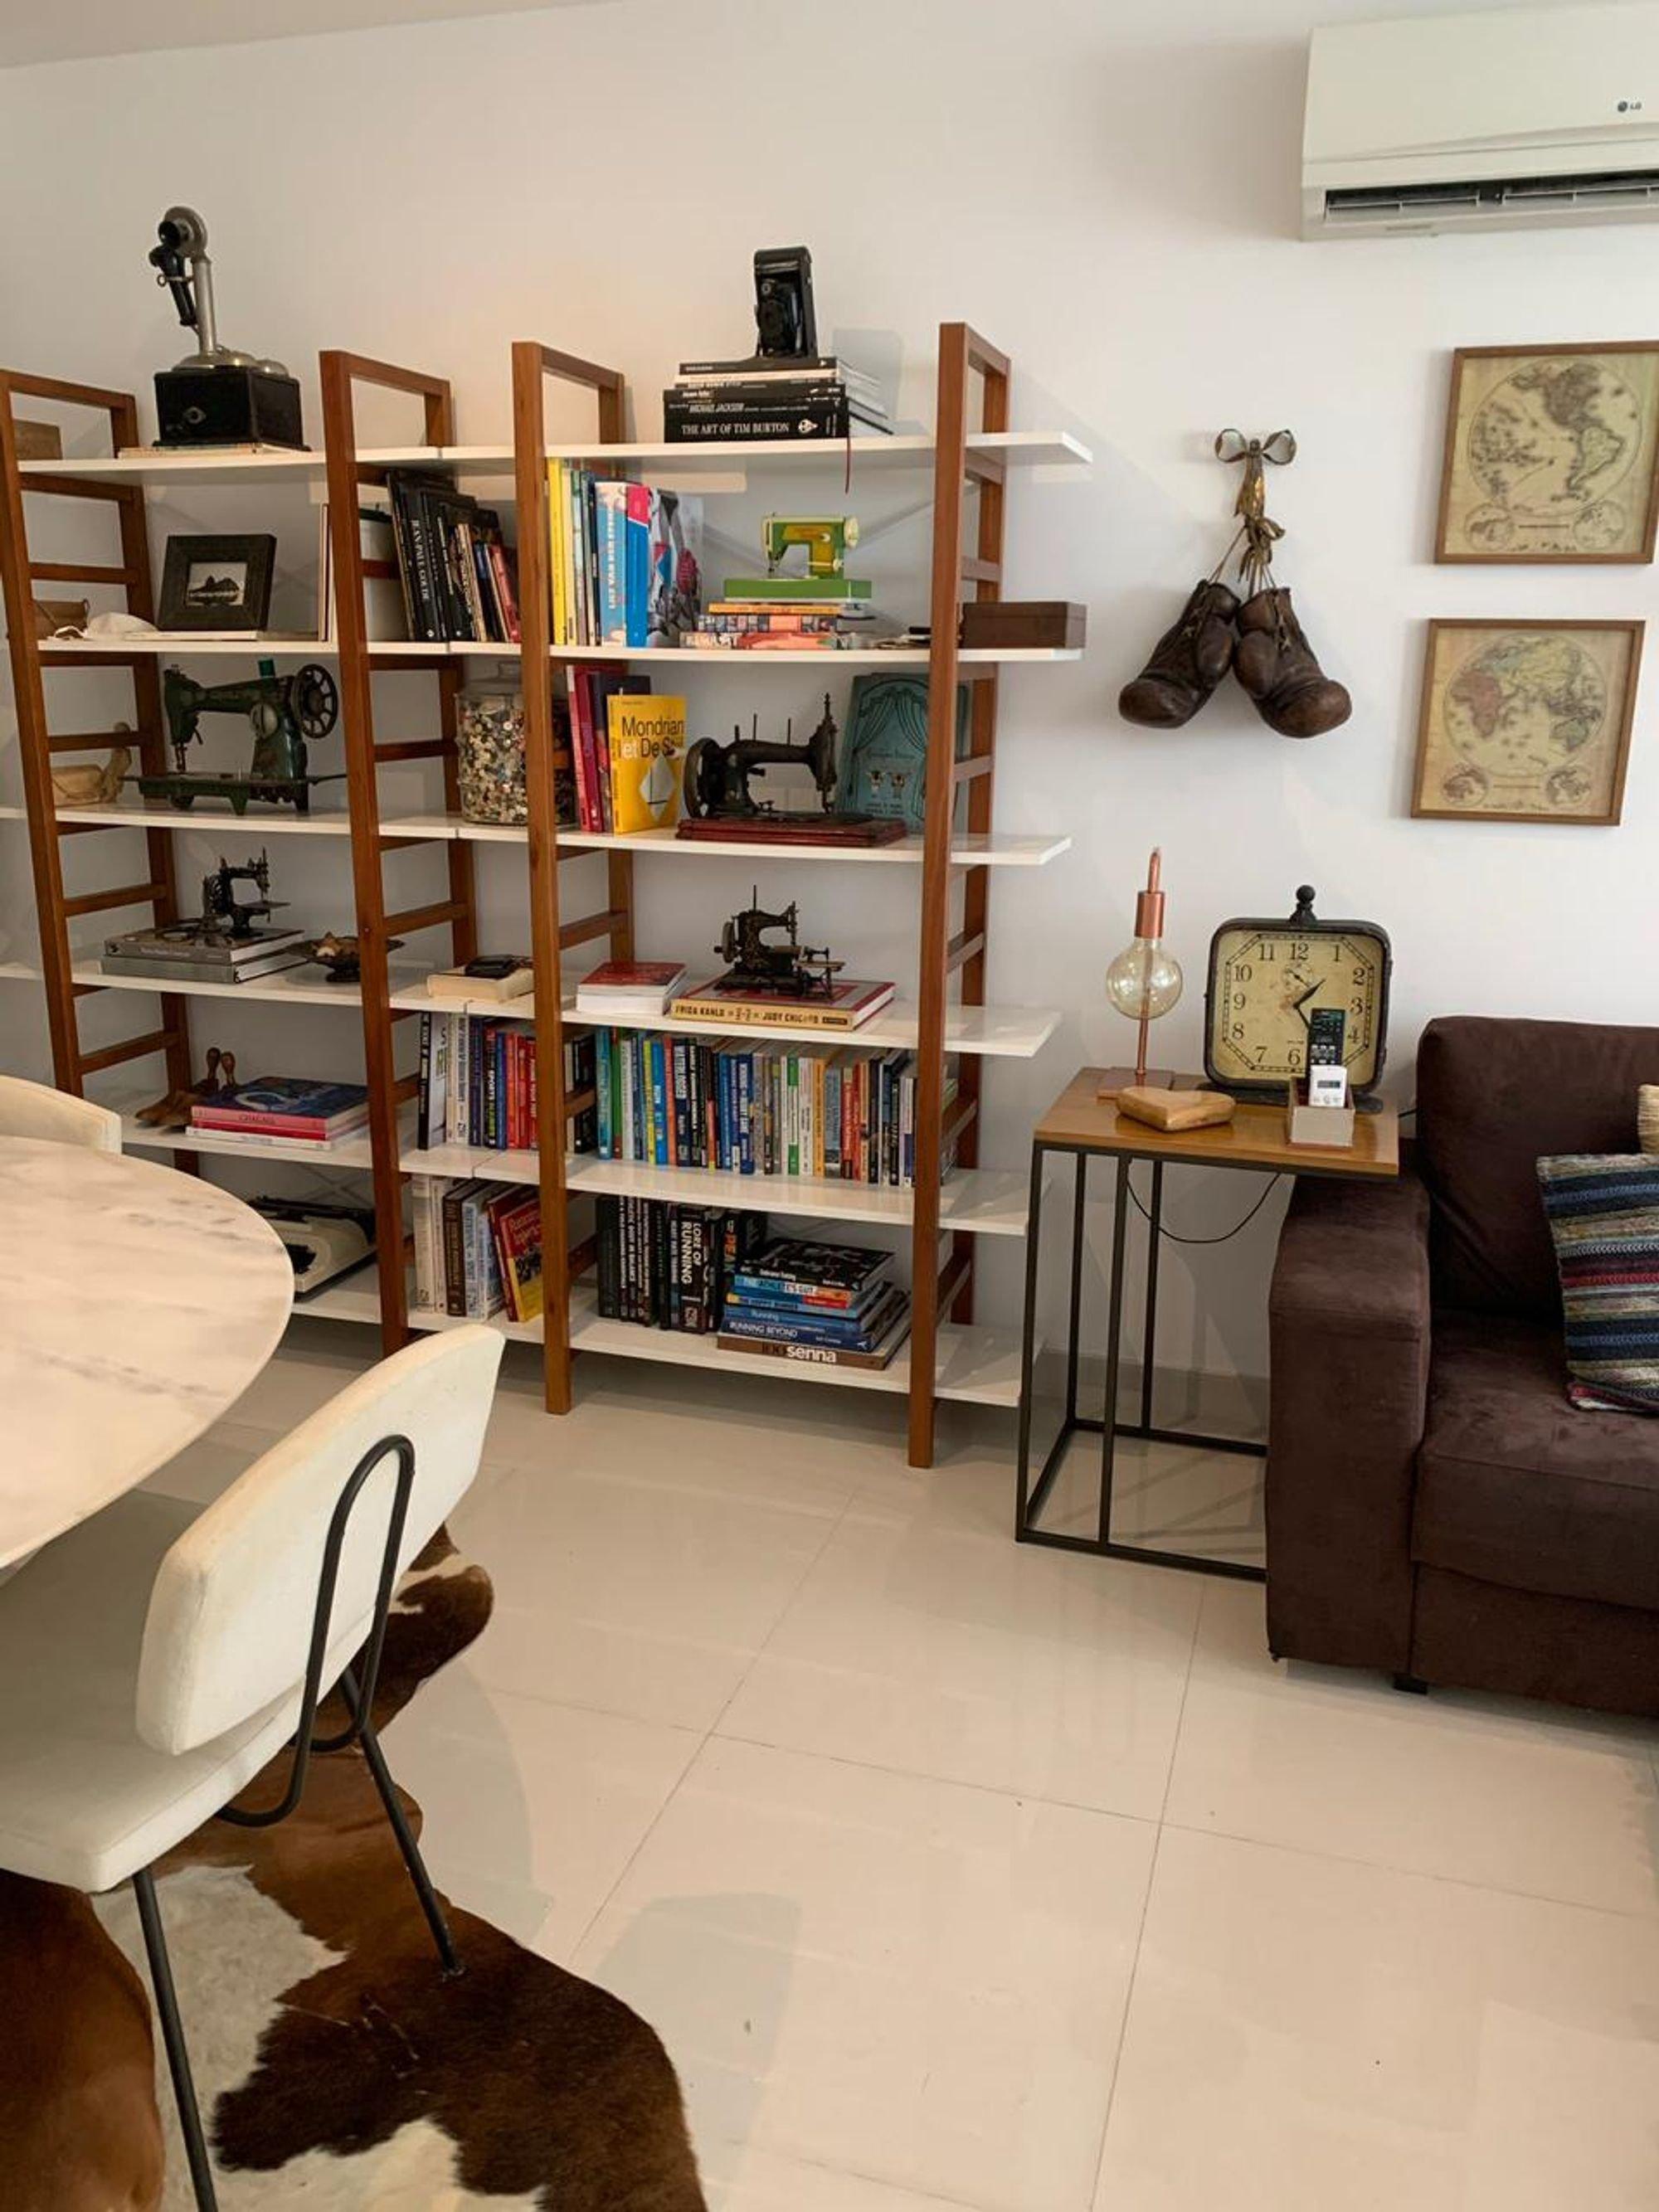 Foto de Sala com sofá, cadeira, mesa de jantar, livro, xícara